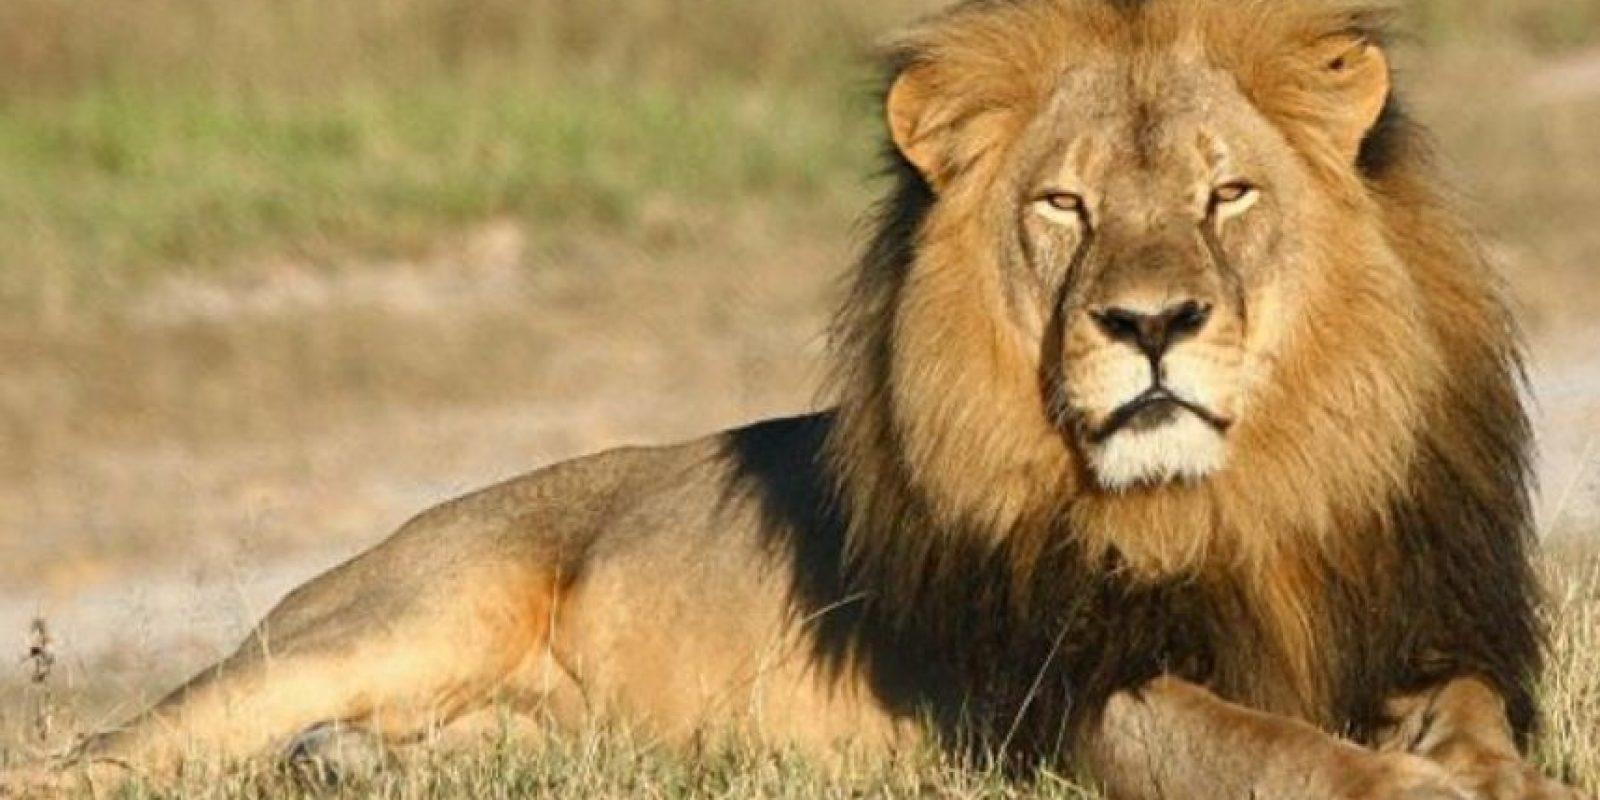 El león (Panthera leo) es un mamífero carnívoro de la familia de los félidos y una de las cinco especies del género Panthera. Foto:Getty Images